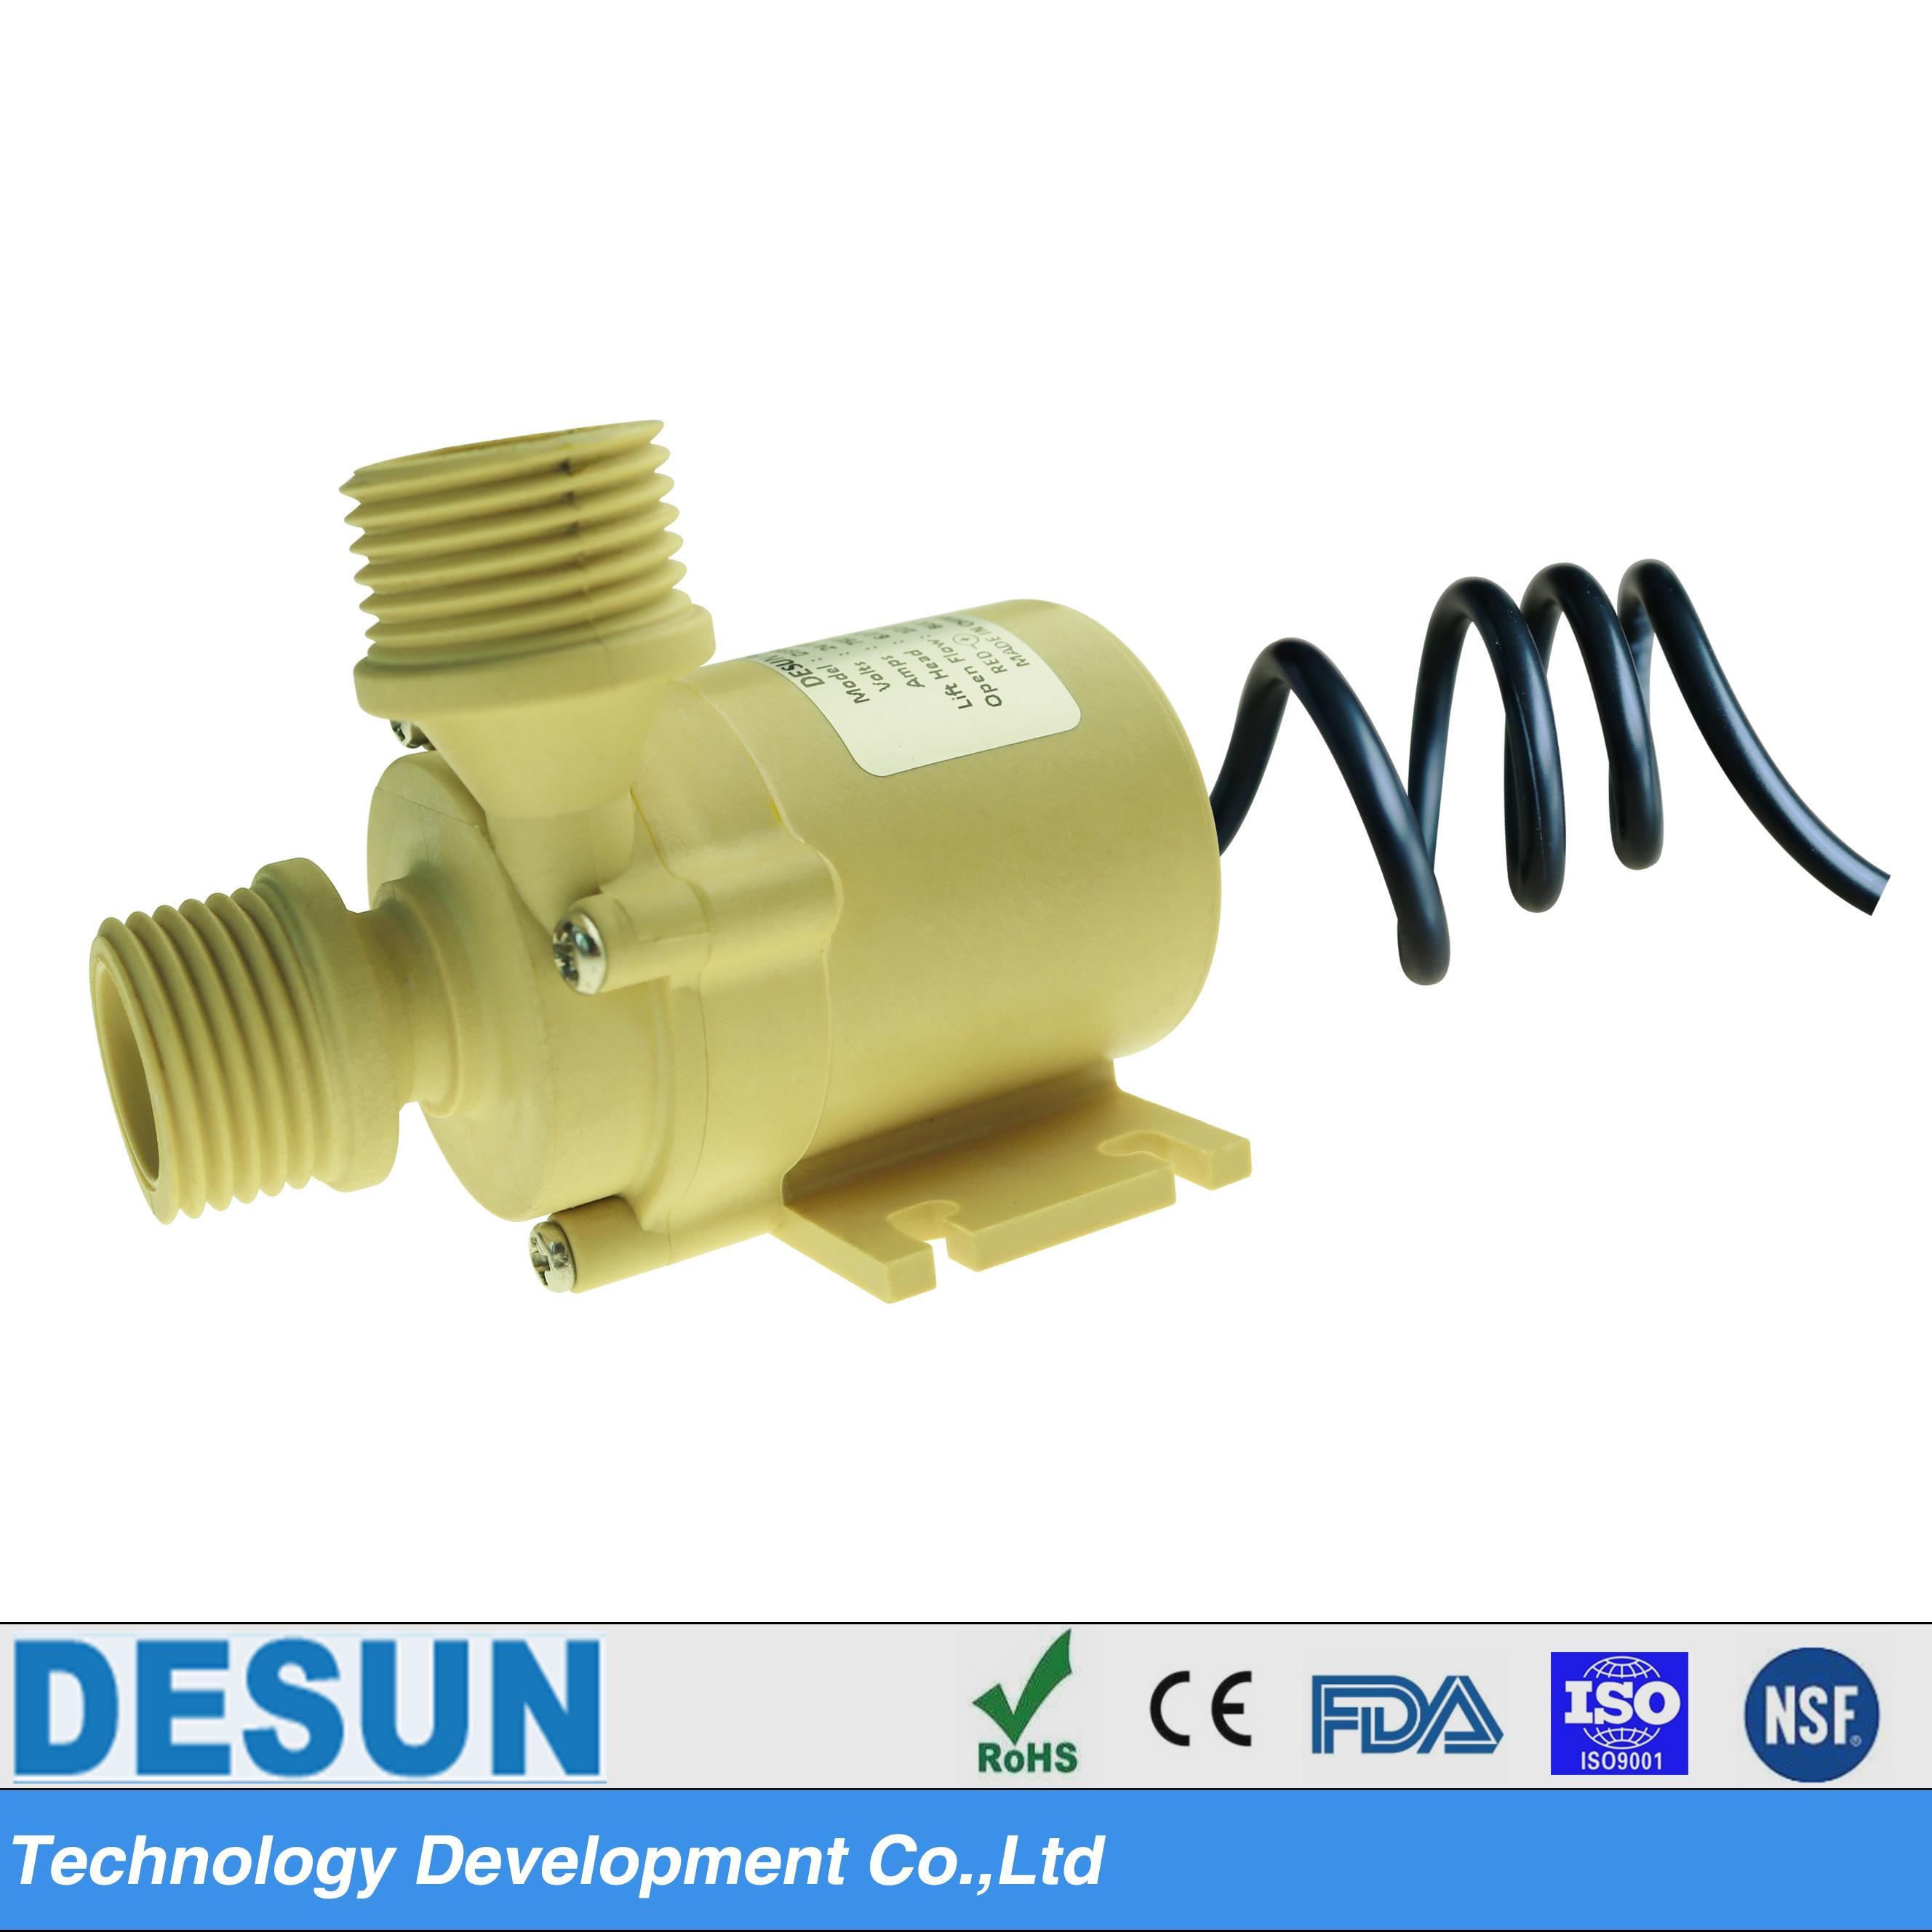 微型直流无刷潜水泵DS3502HF